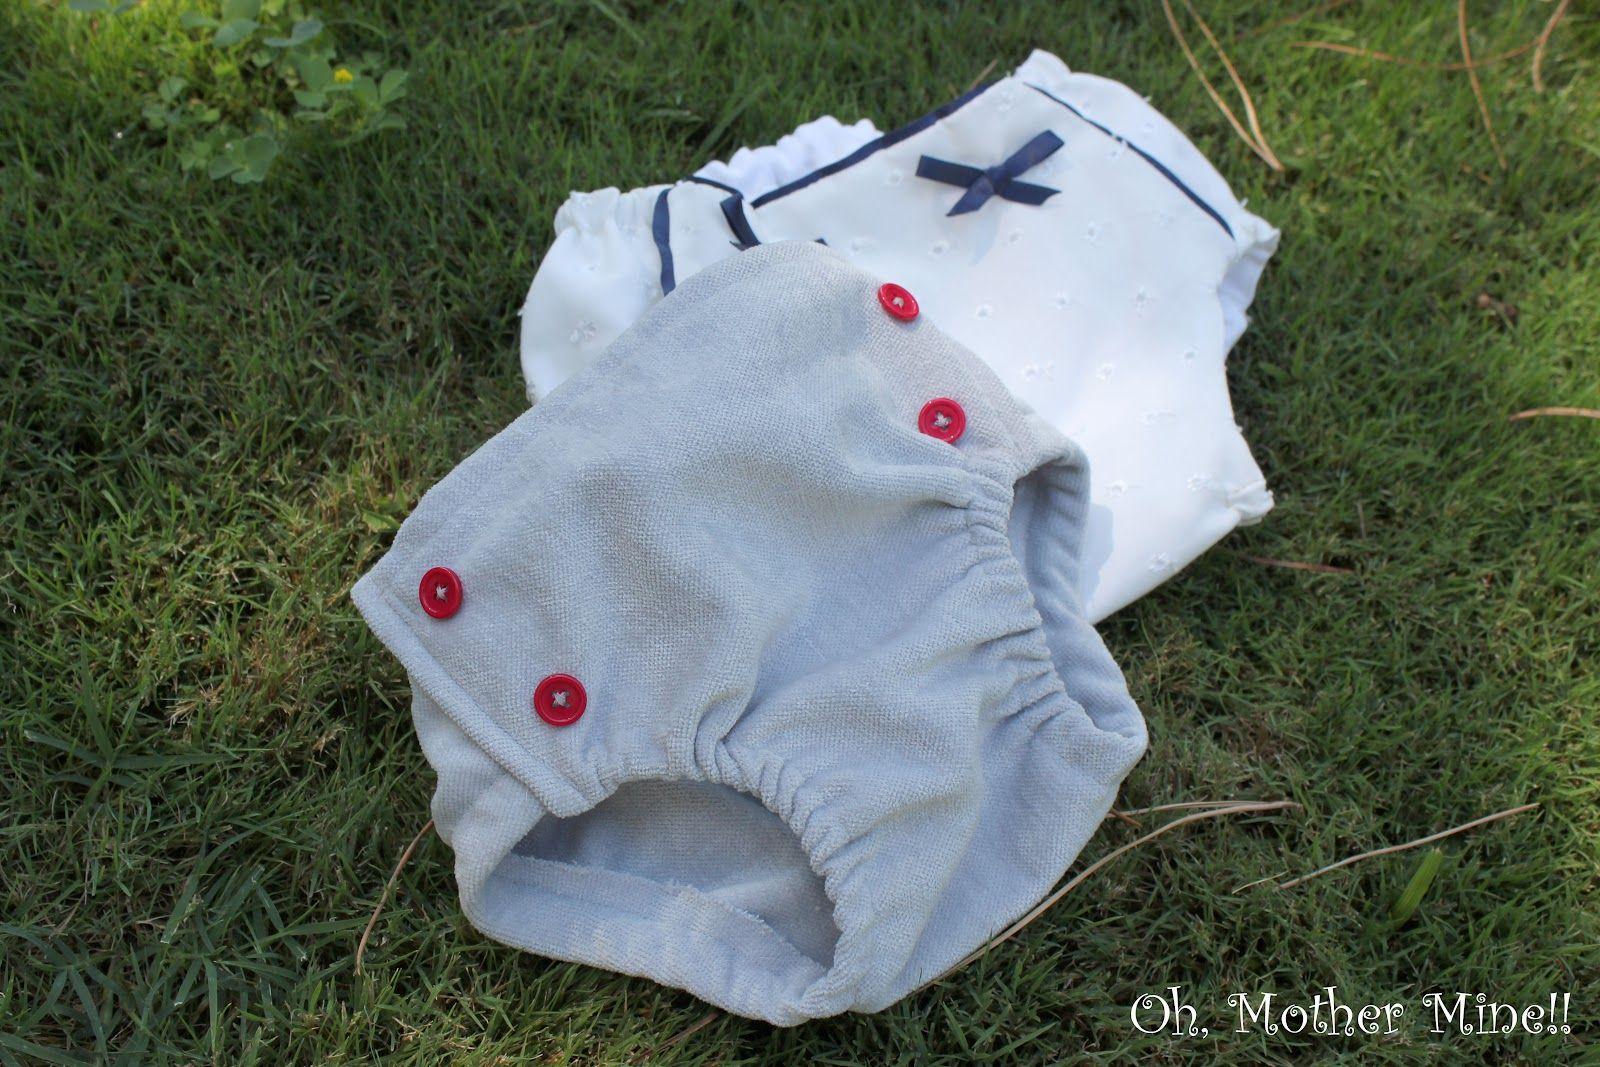 Tutorial Cubre Pañales Para Bebés Cómo Hacer Bragas Bebe Diy Pañales Bebe Bragas Bebe Ropa Bebe